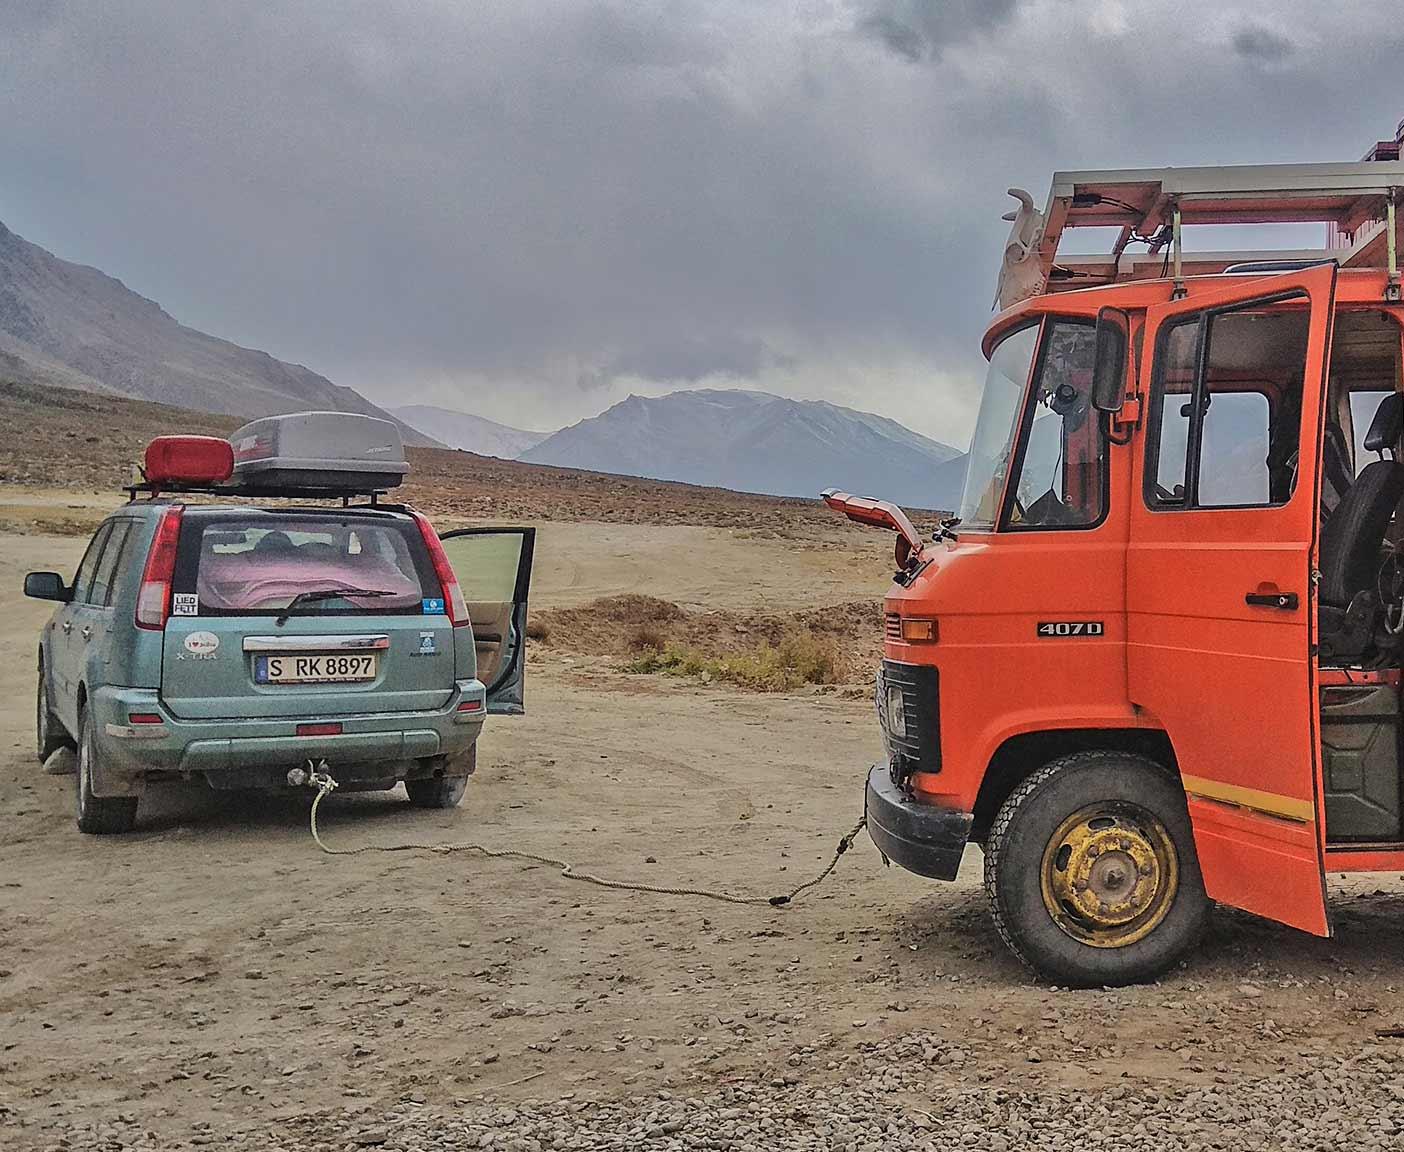 guenstige-expeditionsfahrzeuge-mobilw-offroad-gelaendegaenig-wohnmobil-nissan-xtrail-4x4-allrad-gebraucht-1